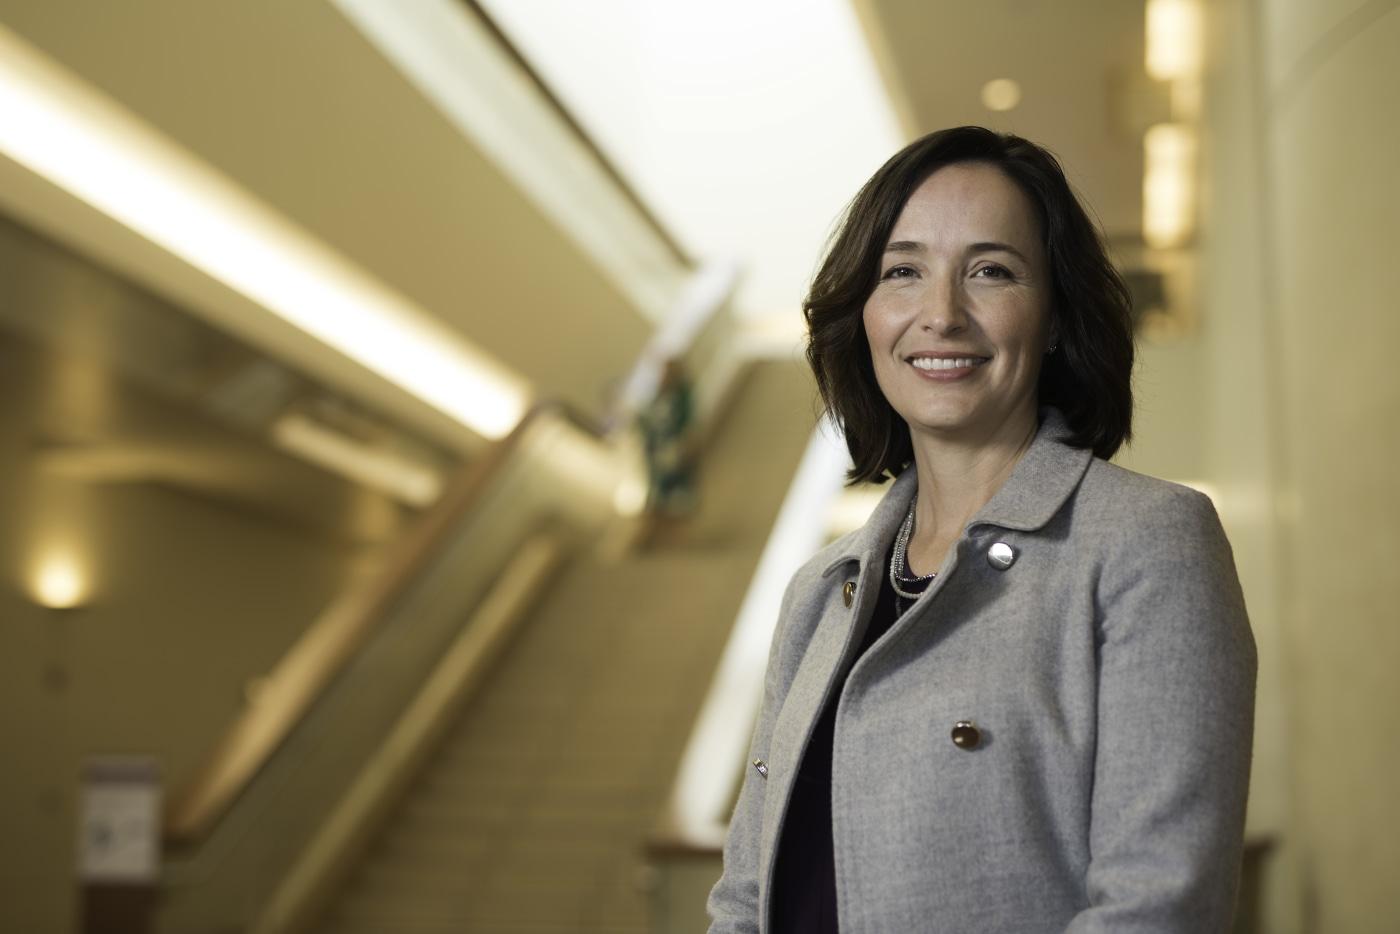 Dr. Pamela Kunz